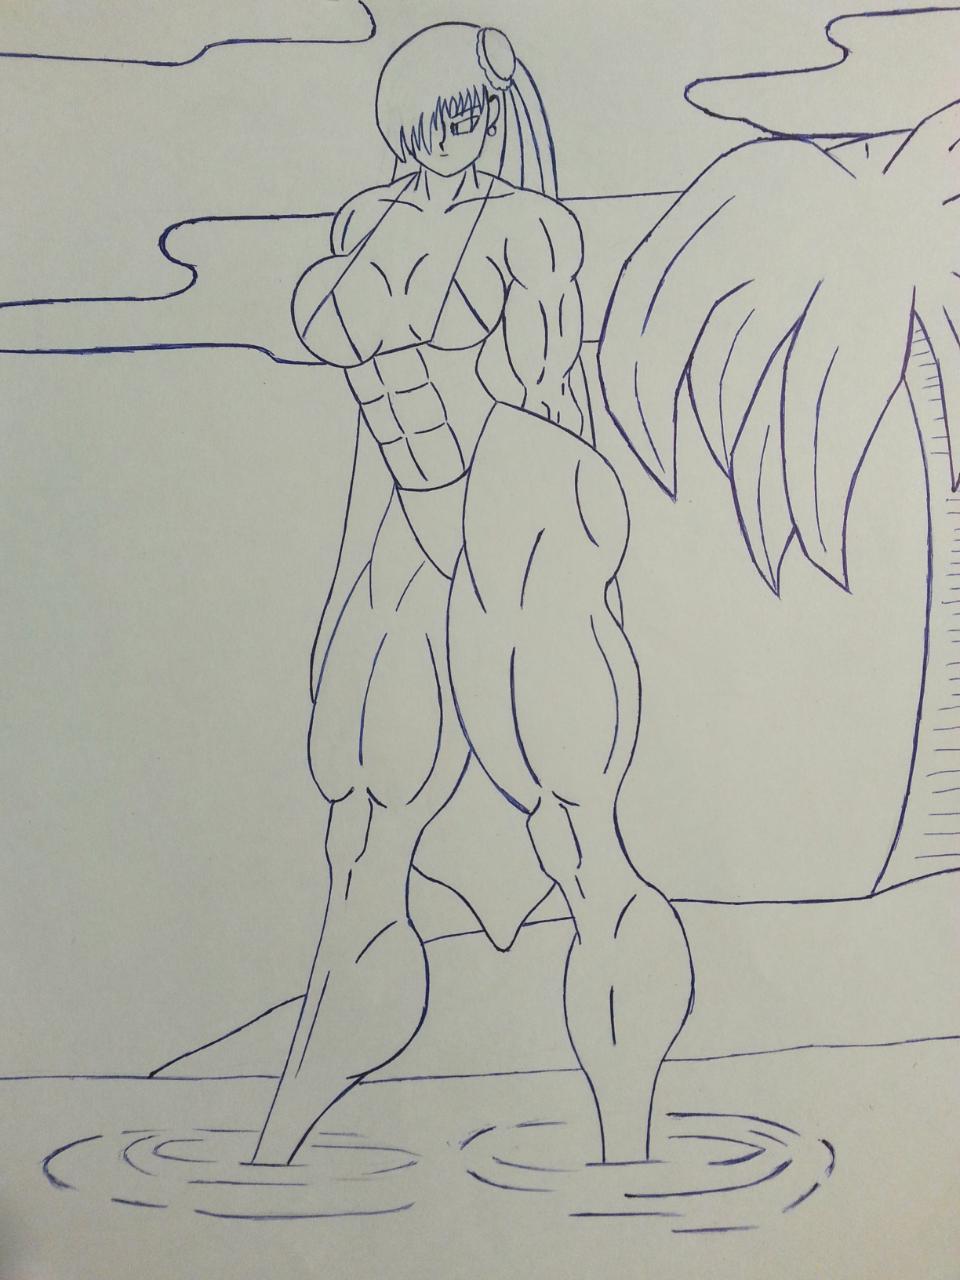 Sexy Chun-Li in bikini! by P3ncils